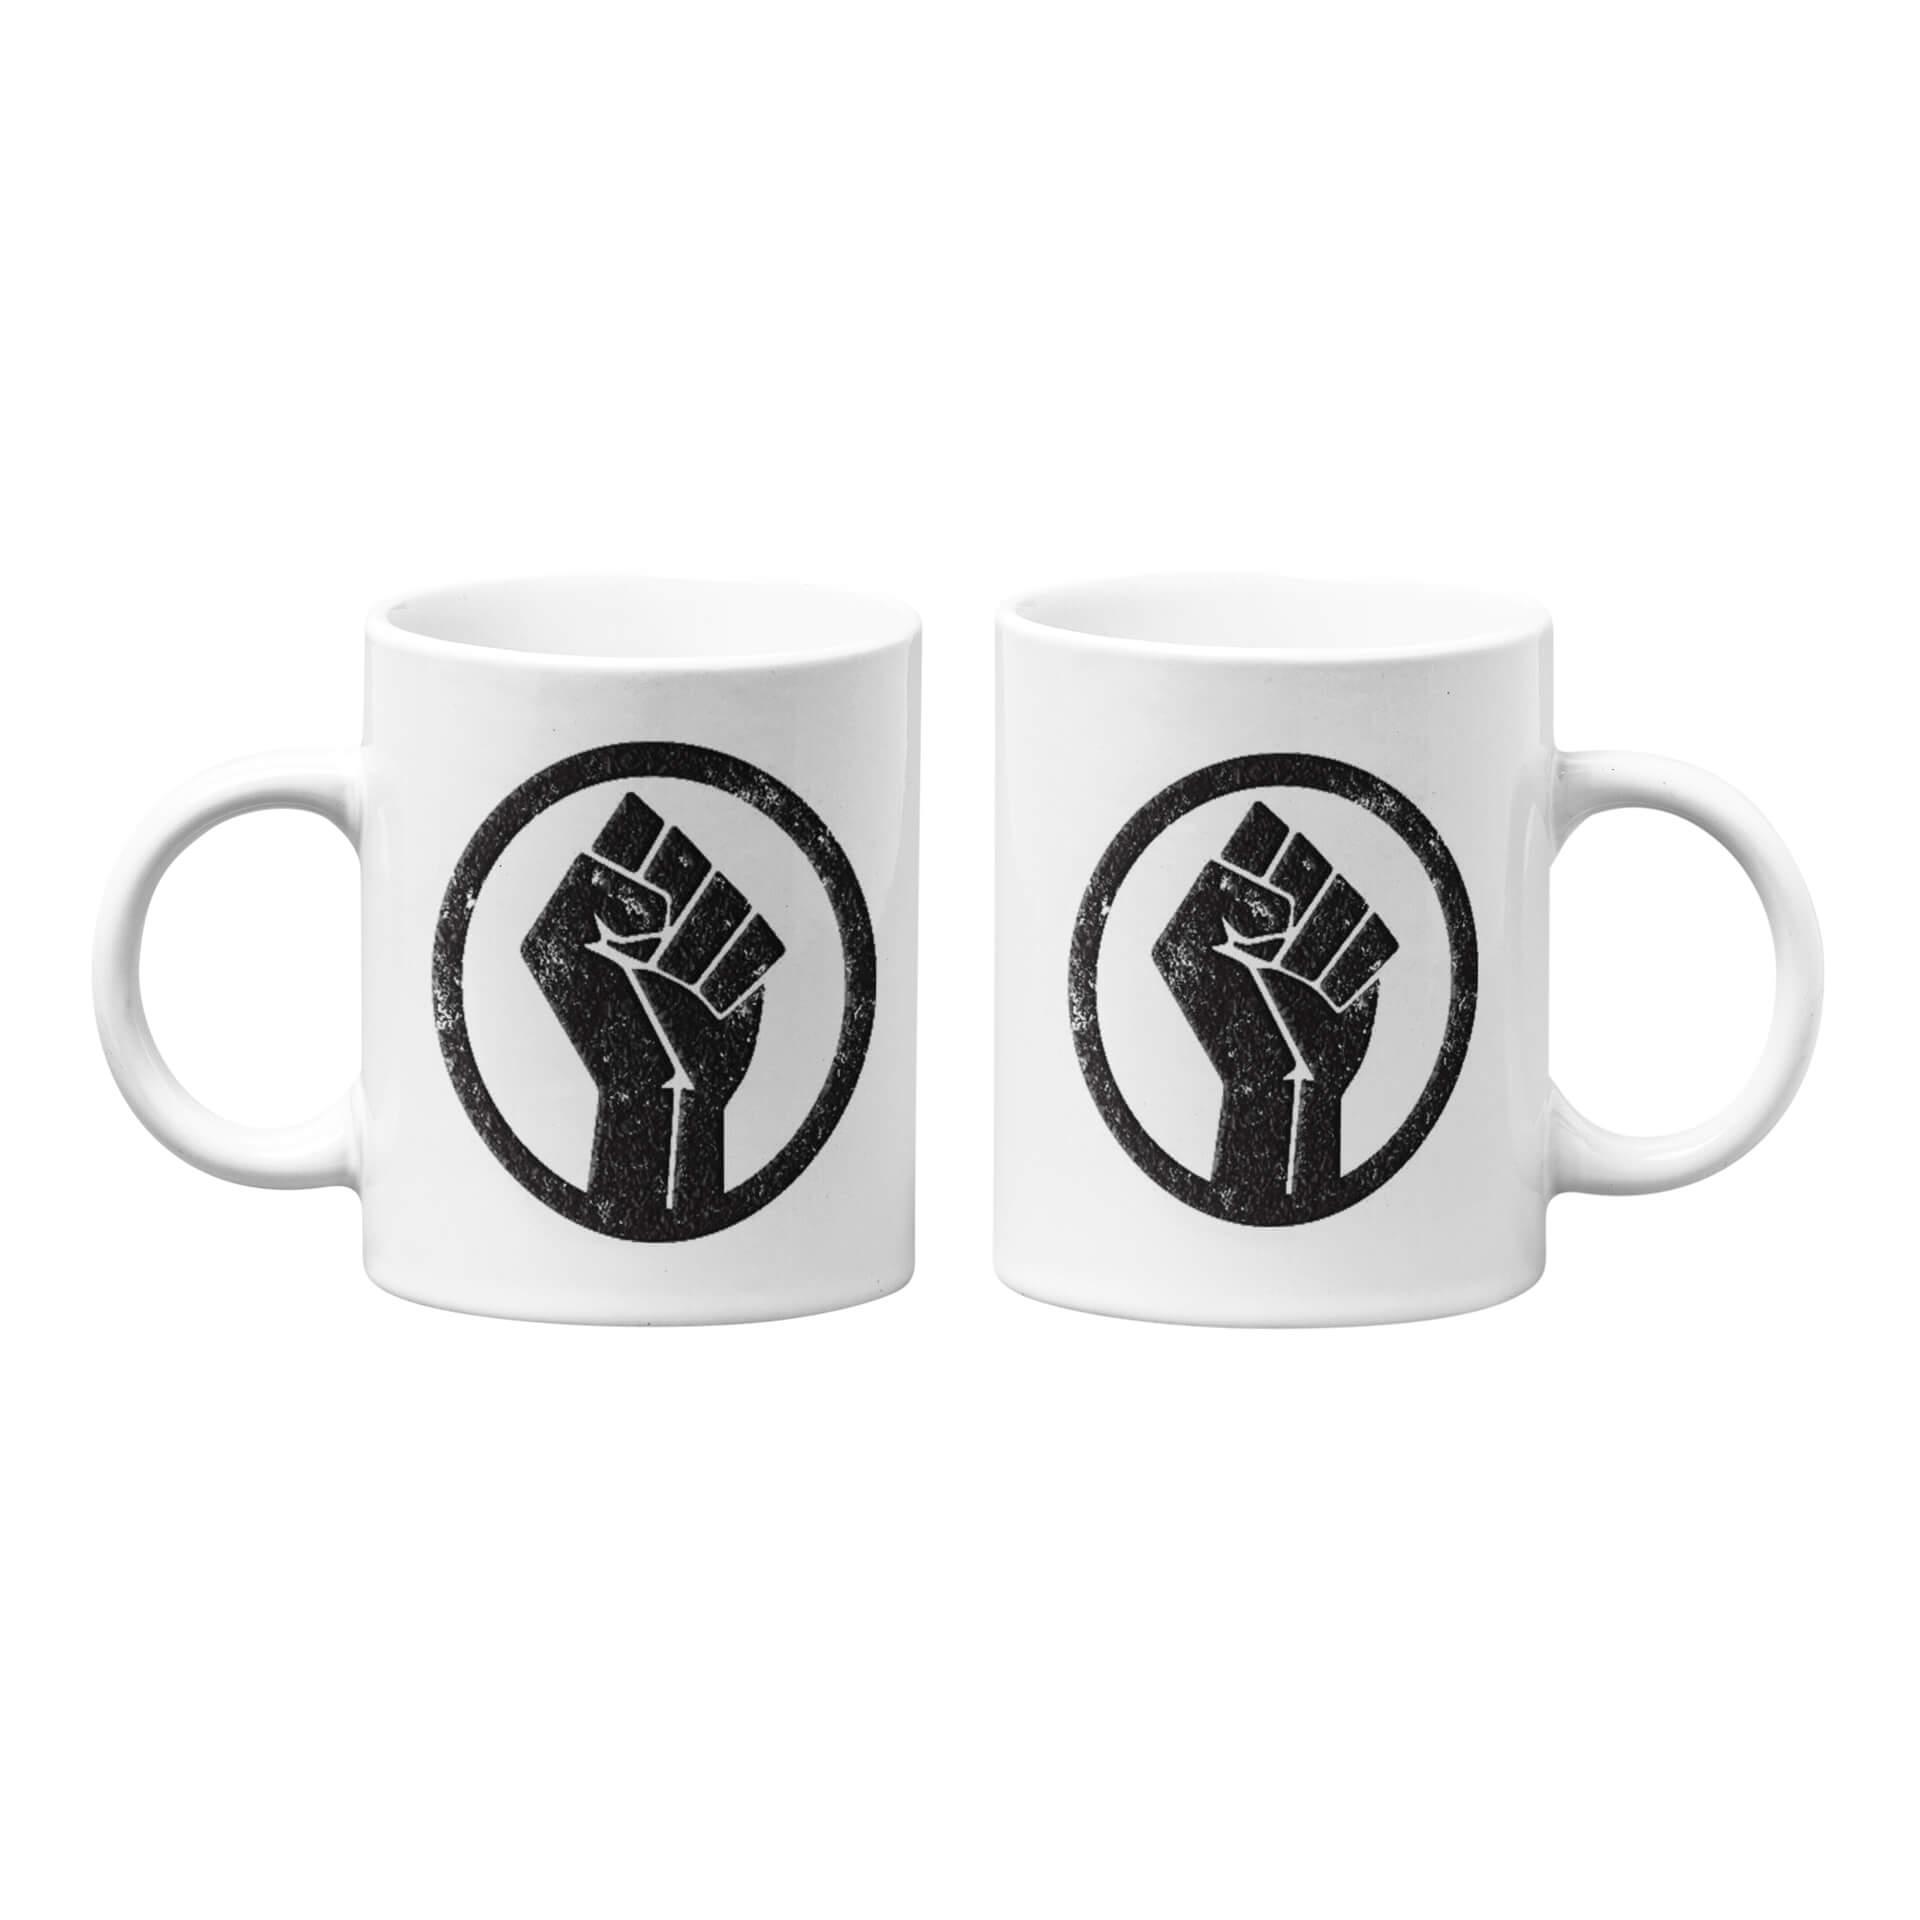 Black Lives Matter Raised Fist Mug